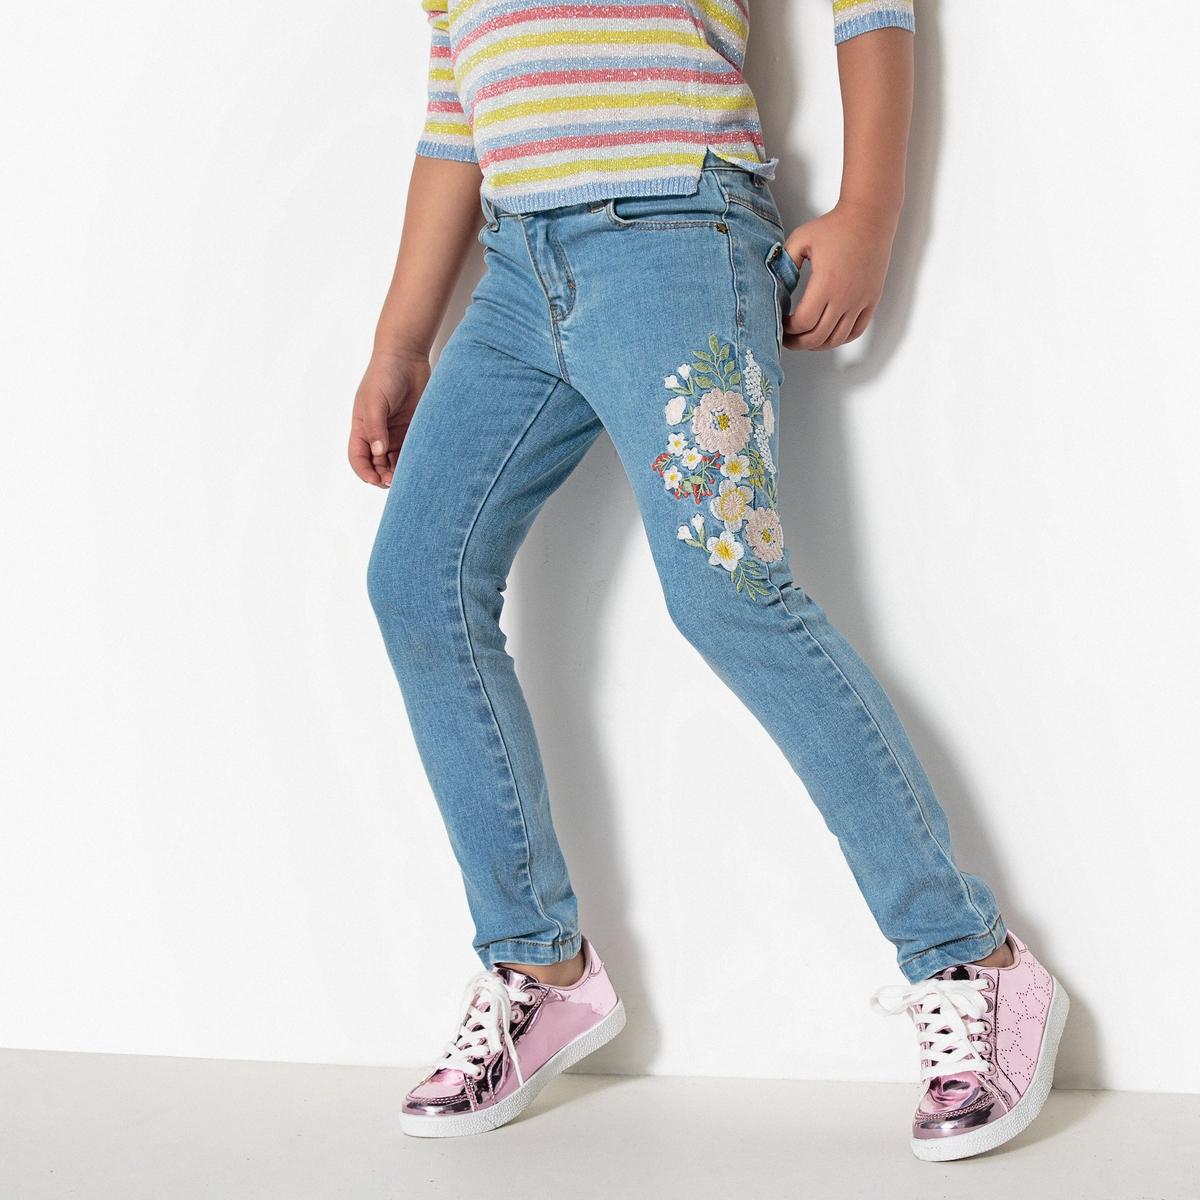 Джинсы узкие с вышивкой 3-12 лет